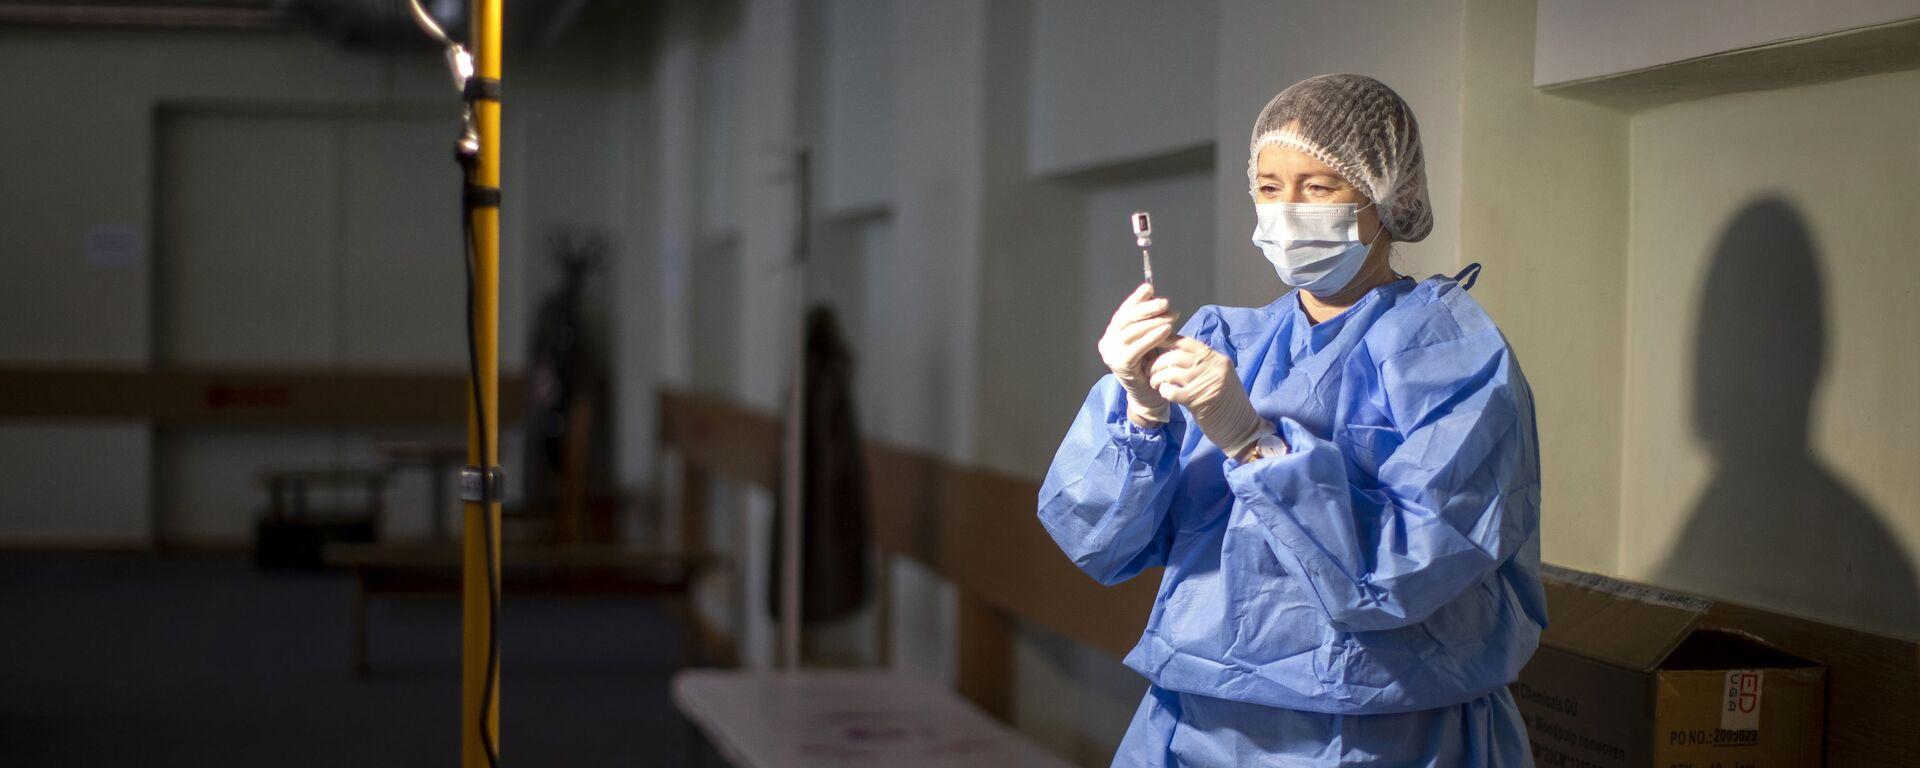 Litewski pracownik medyczny przygotowuje szczepionkę przeciwko koronawirusowi - Sputnik Polska, 1920, 17.07.2021